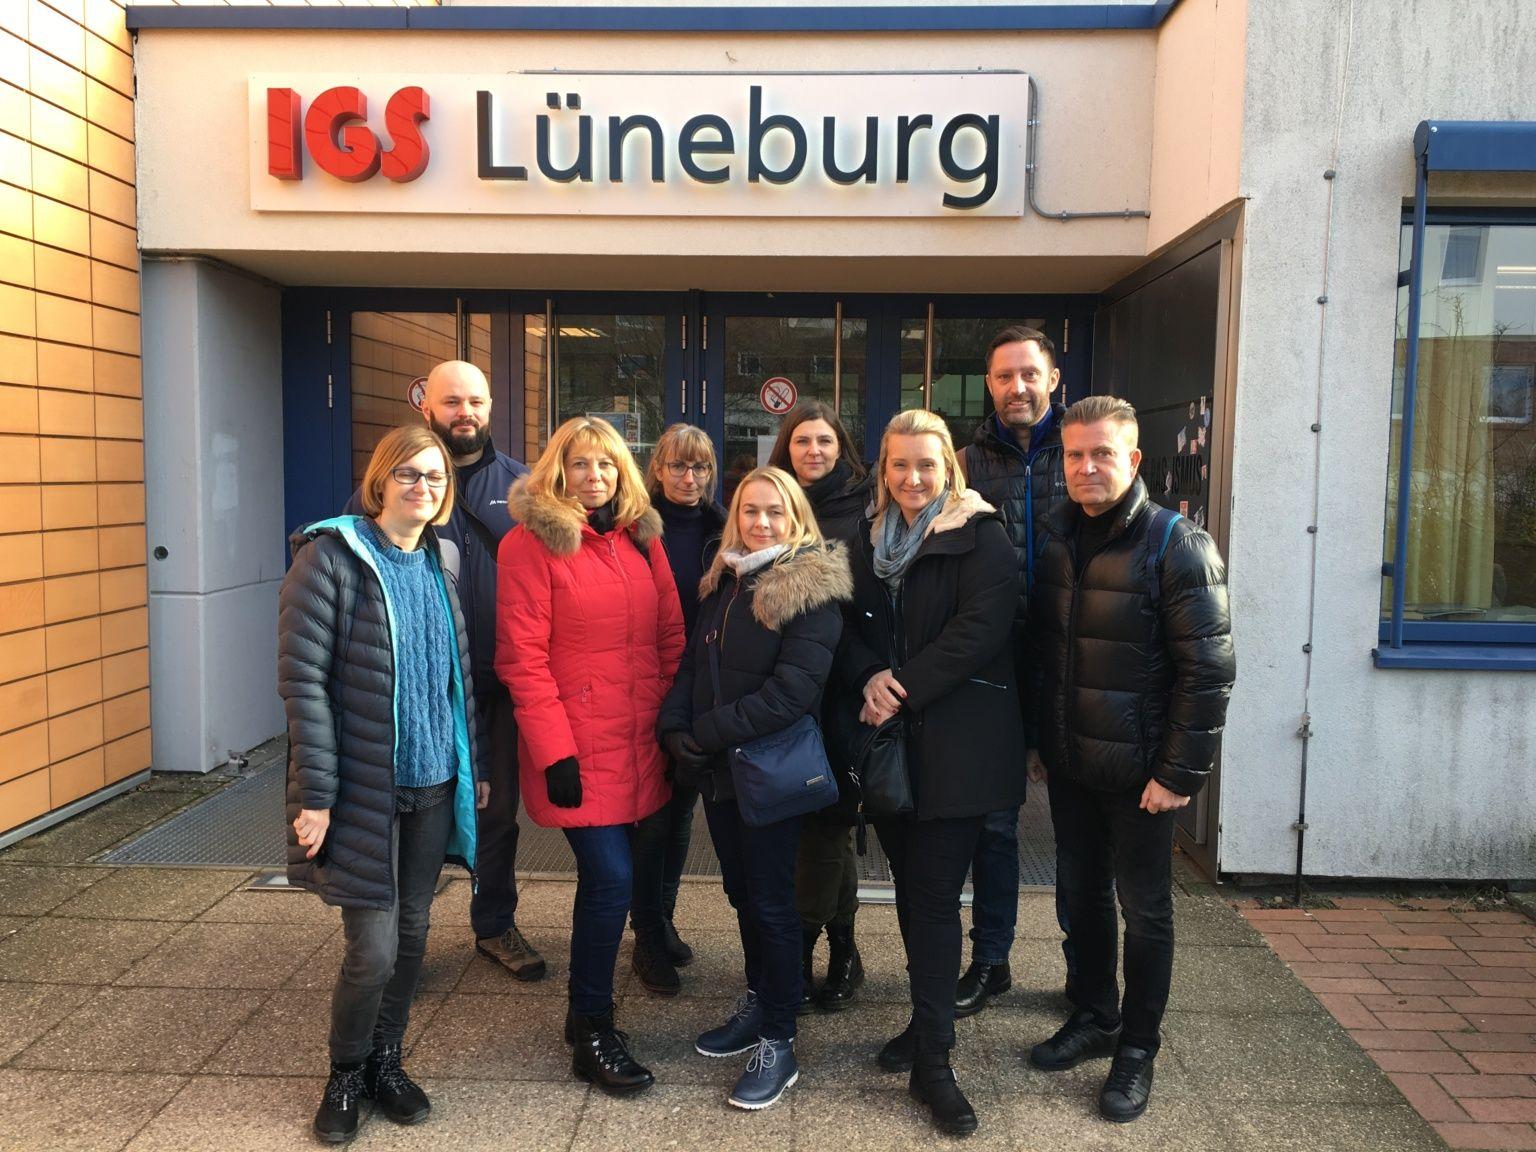 SZKOLENIE JOB SHADOWING W SZKOLE DIE DIALOGE SBL GMBH W LÜNEBURGU